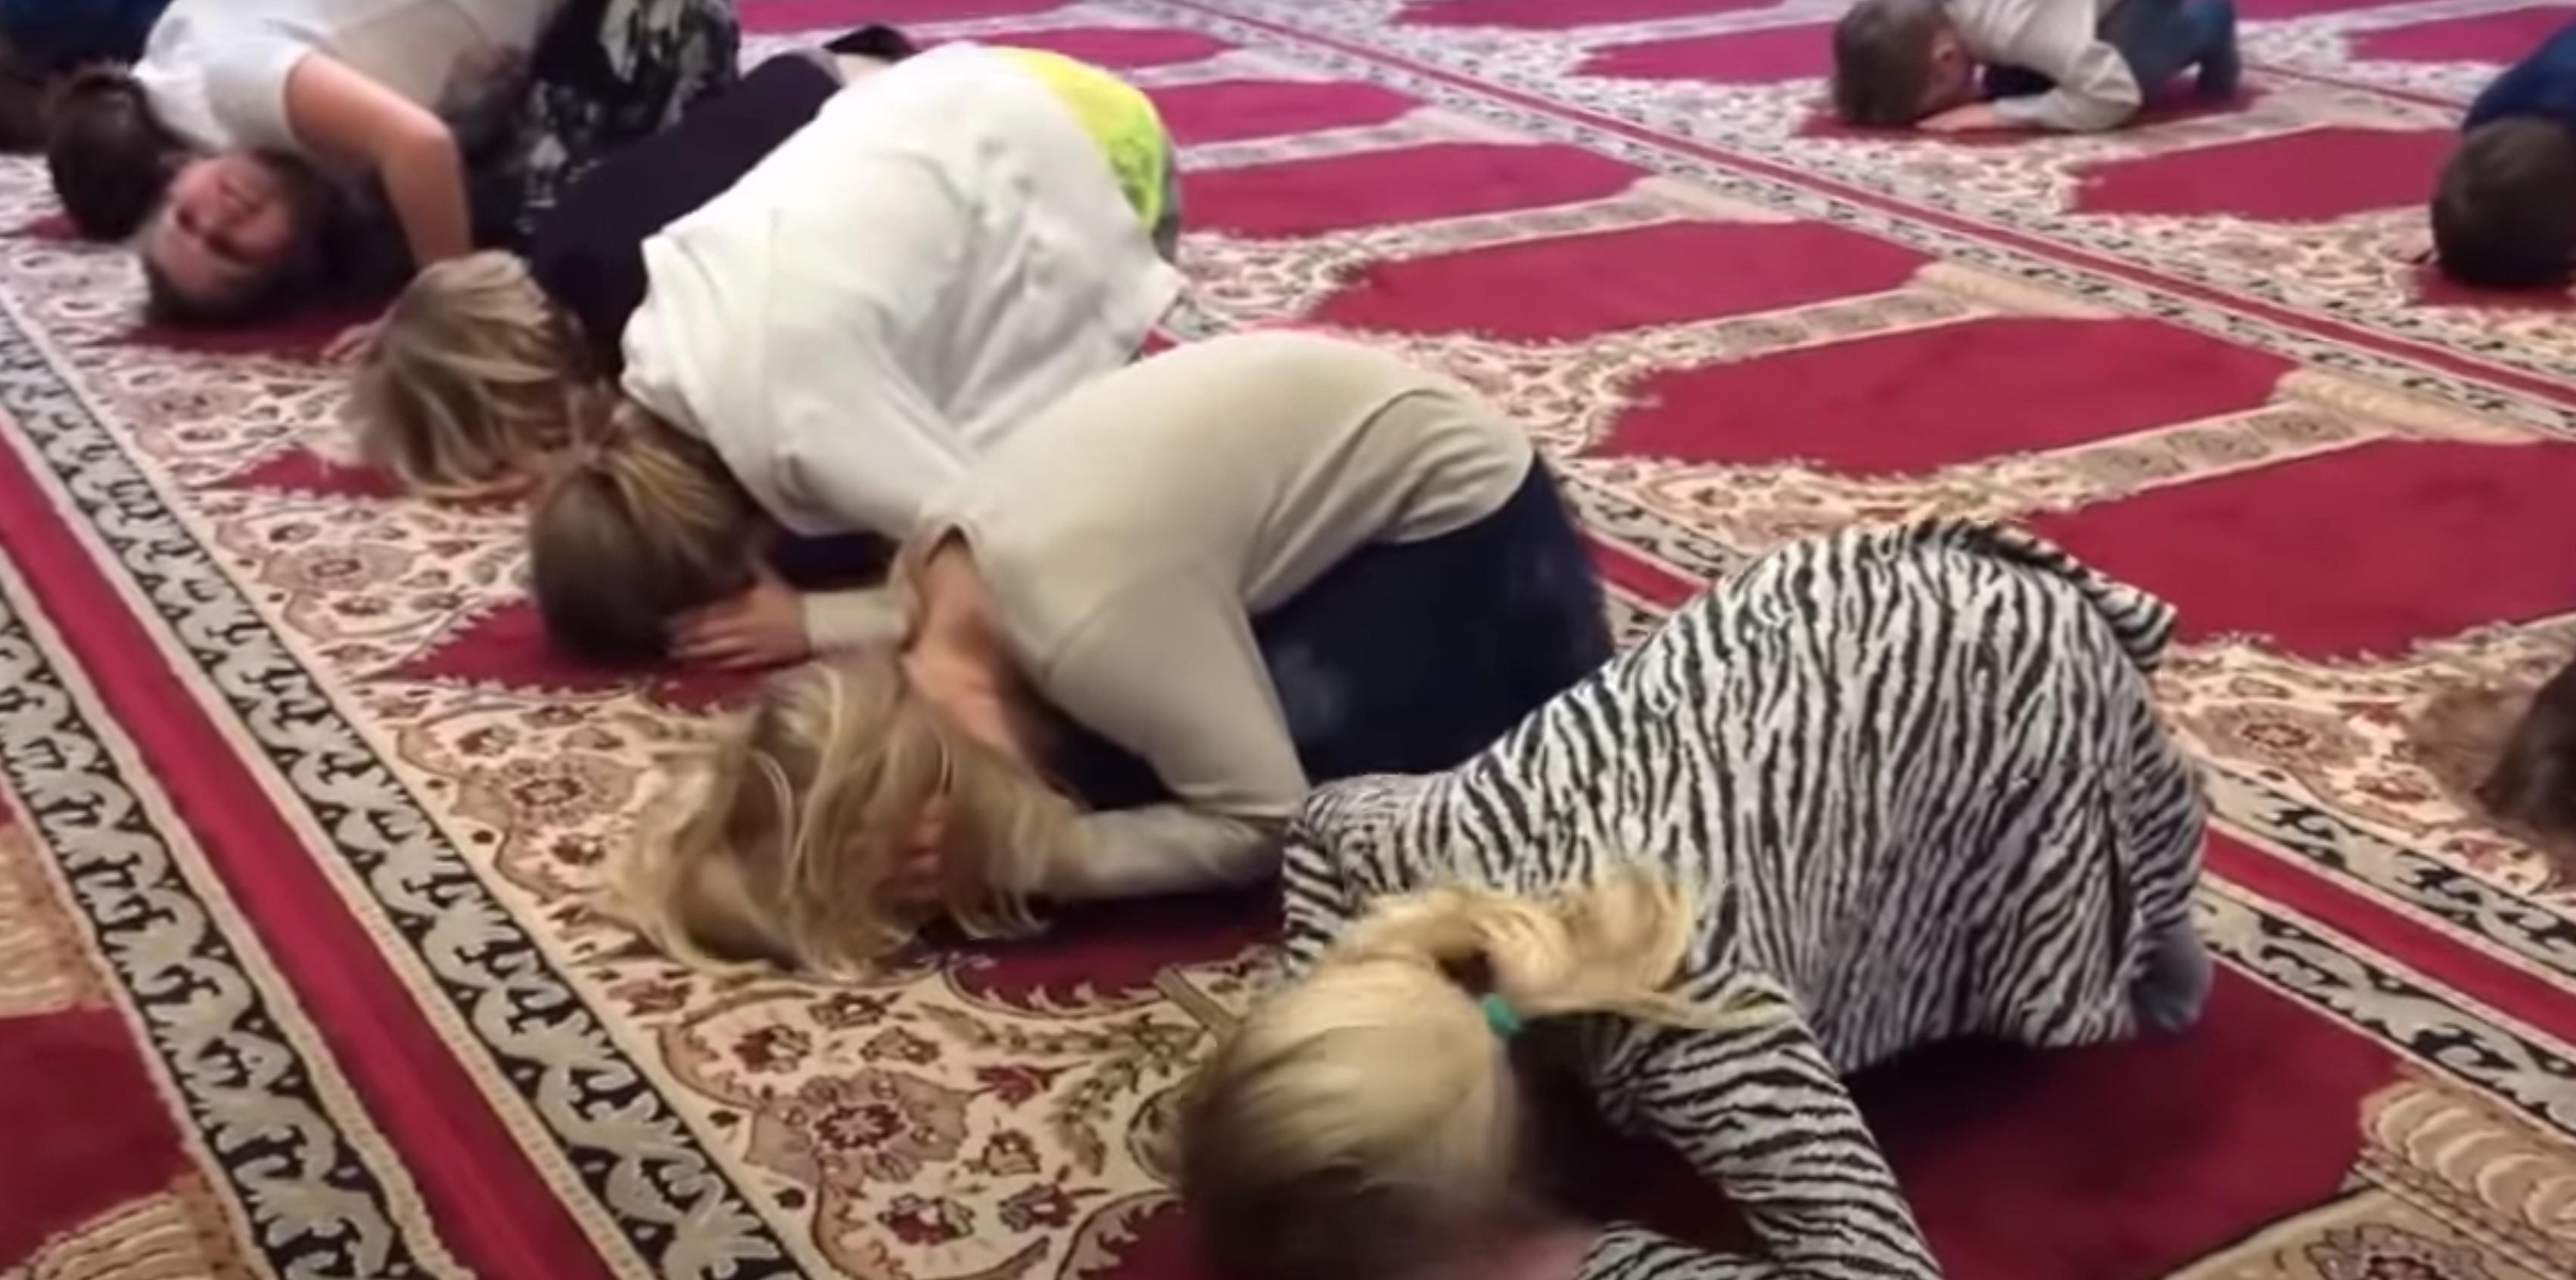 """Buitenlandse media over moskeerapport: """"Zijn deze beelden waar, of waren het montages?"""""""